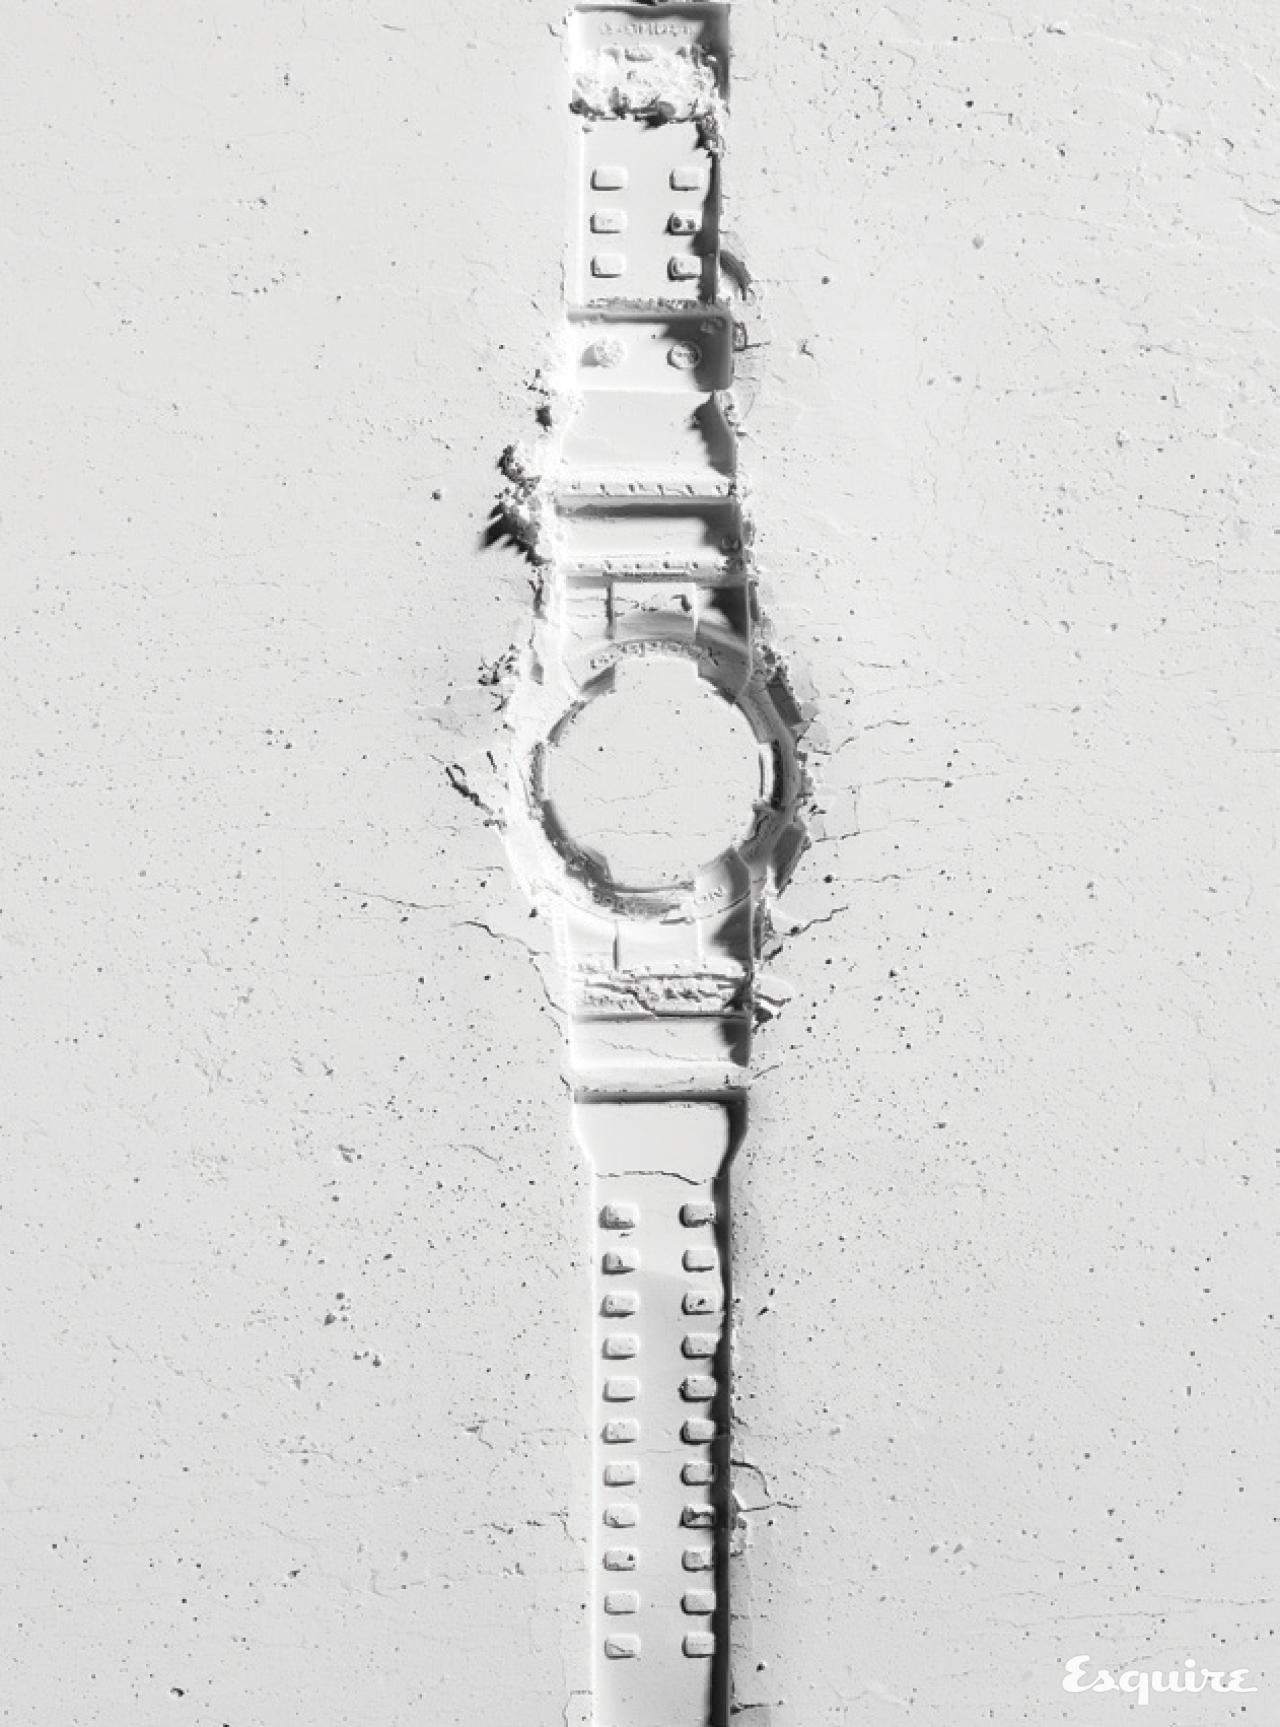 시간과 날짜, 요일이 함께 표시되고 알람과 라이트 기능까지 갖춘 흰색 손목시계. 21만원 지샥.